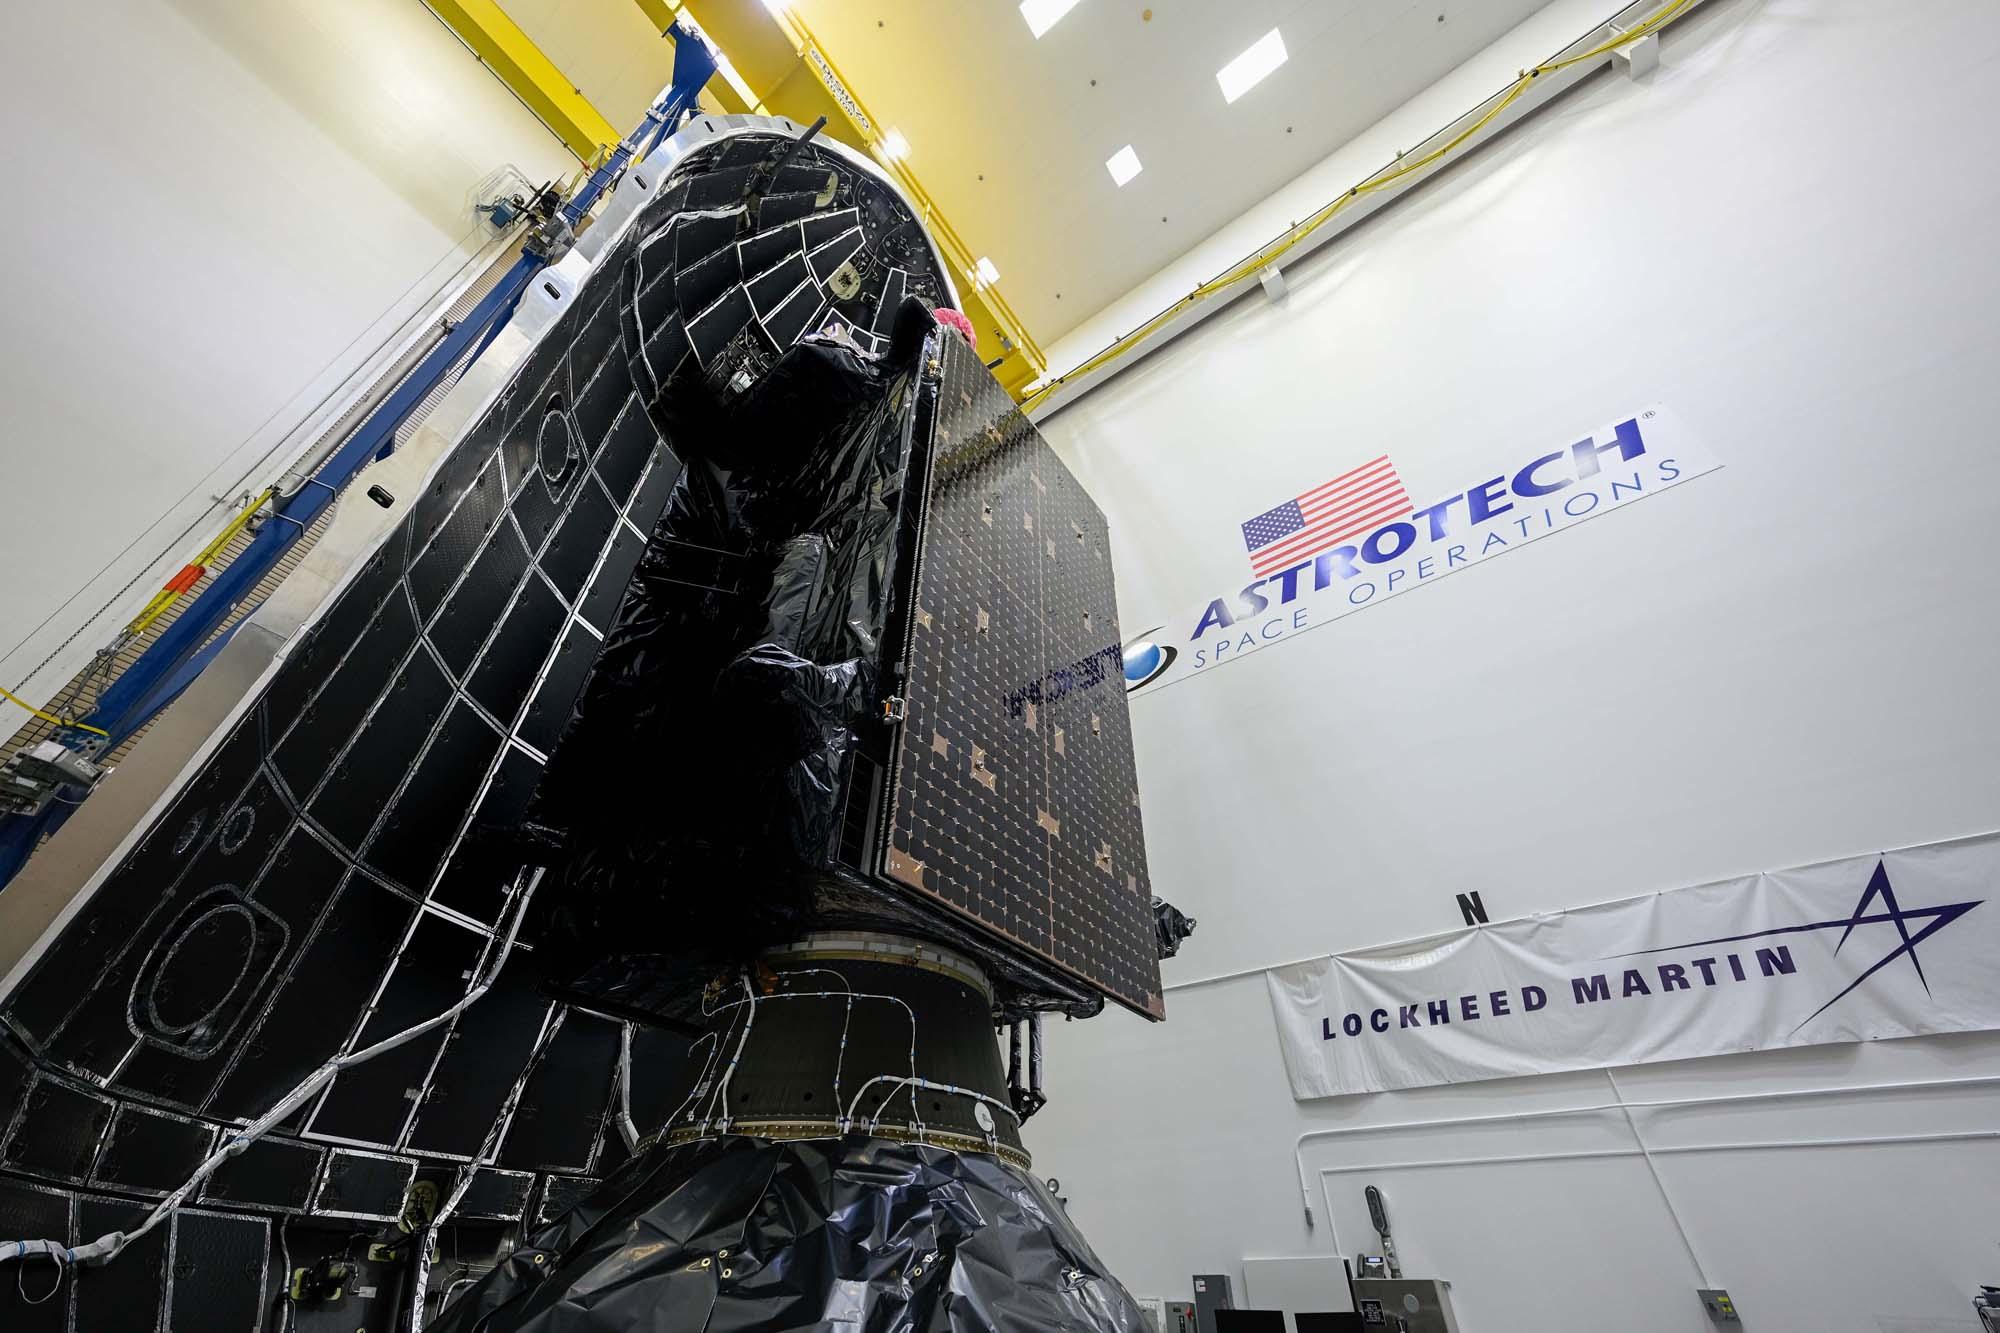 Le satellite de navigation GPS III SV05 construit par Lockheed Martin est vu lors des travaux d'encapsulation du carénage pour préparer son lancement sur une fusée SpaceX Falcon 9 le 17 juin 2021 depuis la station de la force spatiale de Cap Canaveral en Floride.